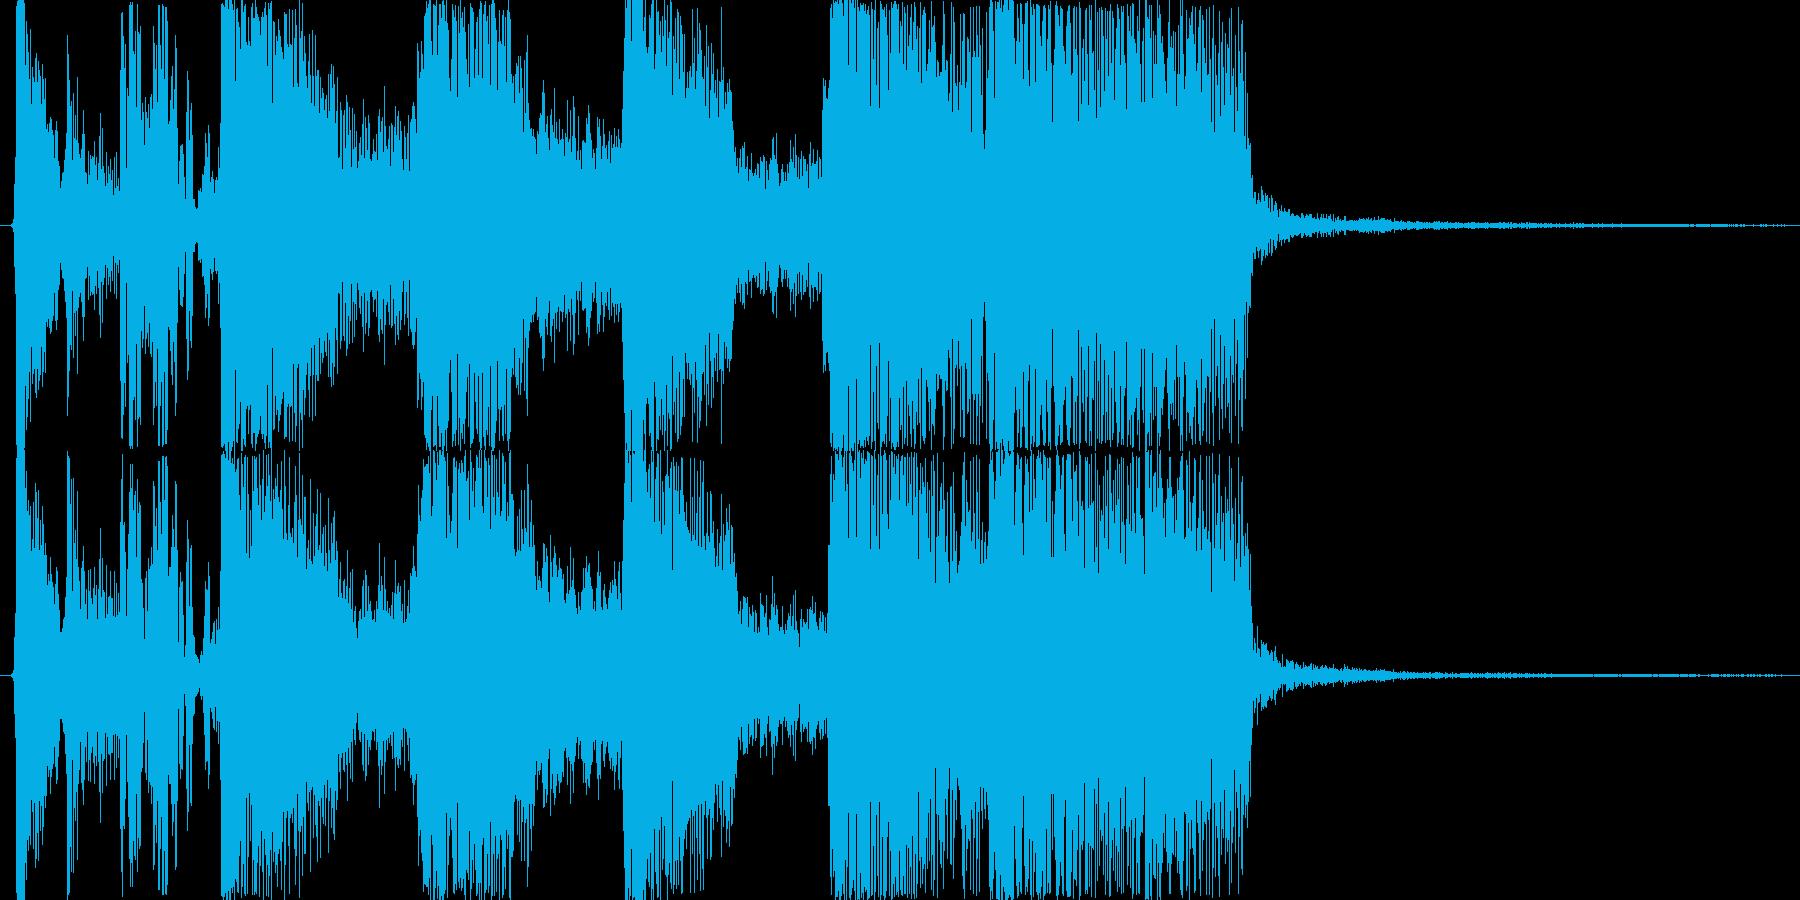 ロックバンドによる派手な生演奏ジングルBの再生済みの波形